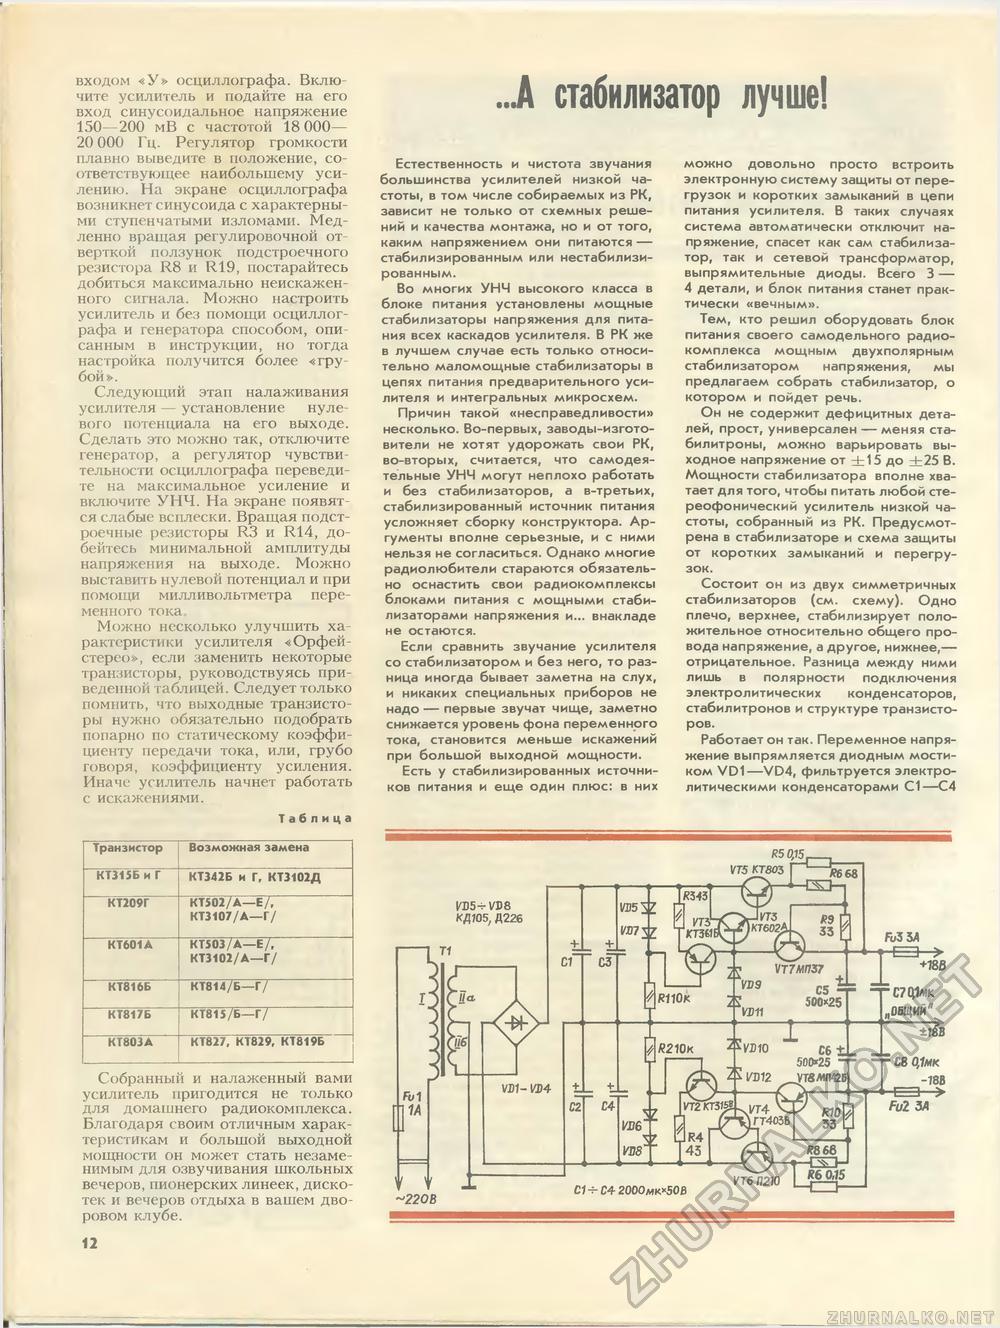 схема блока питания с защитой на транзисторе кт 827